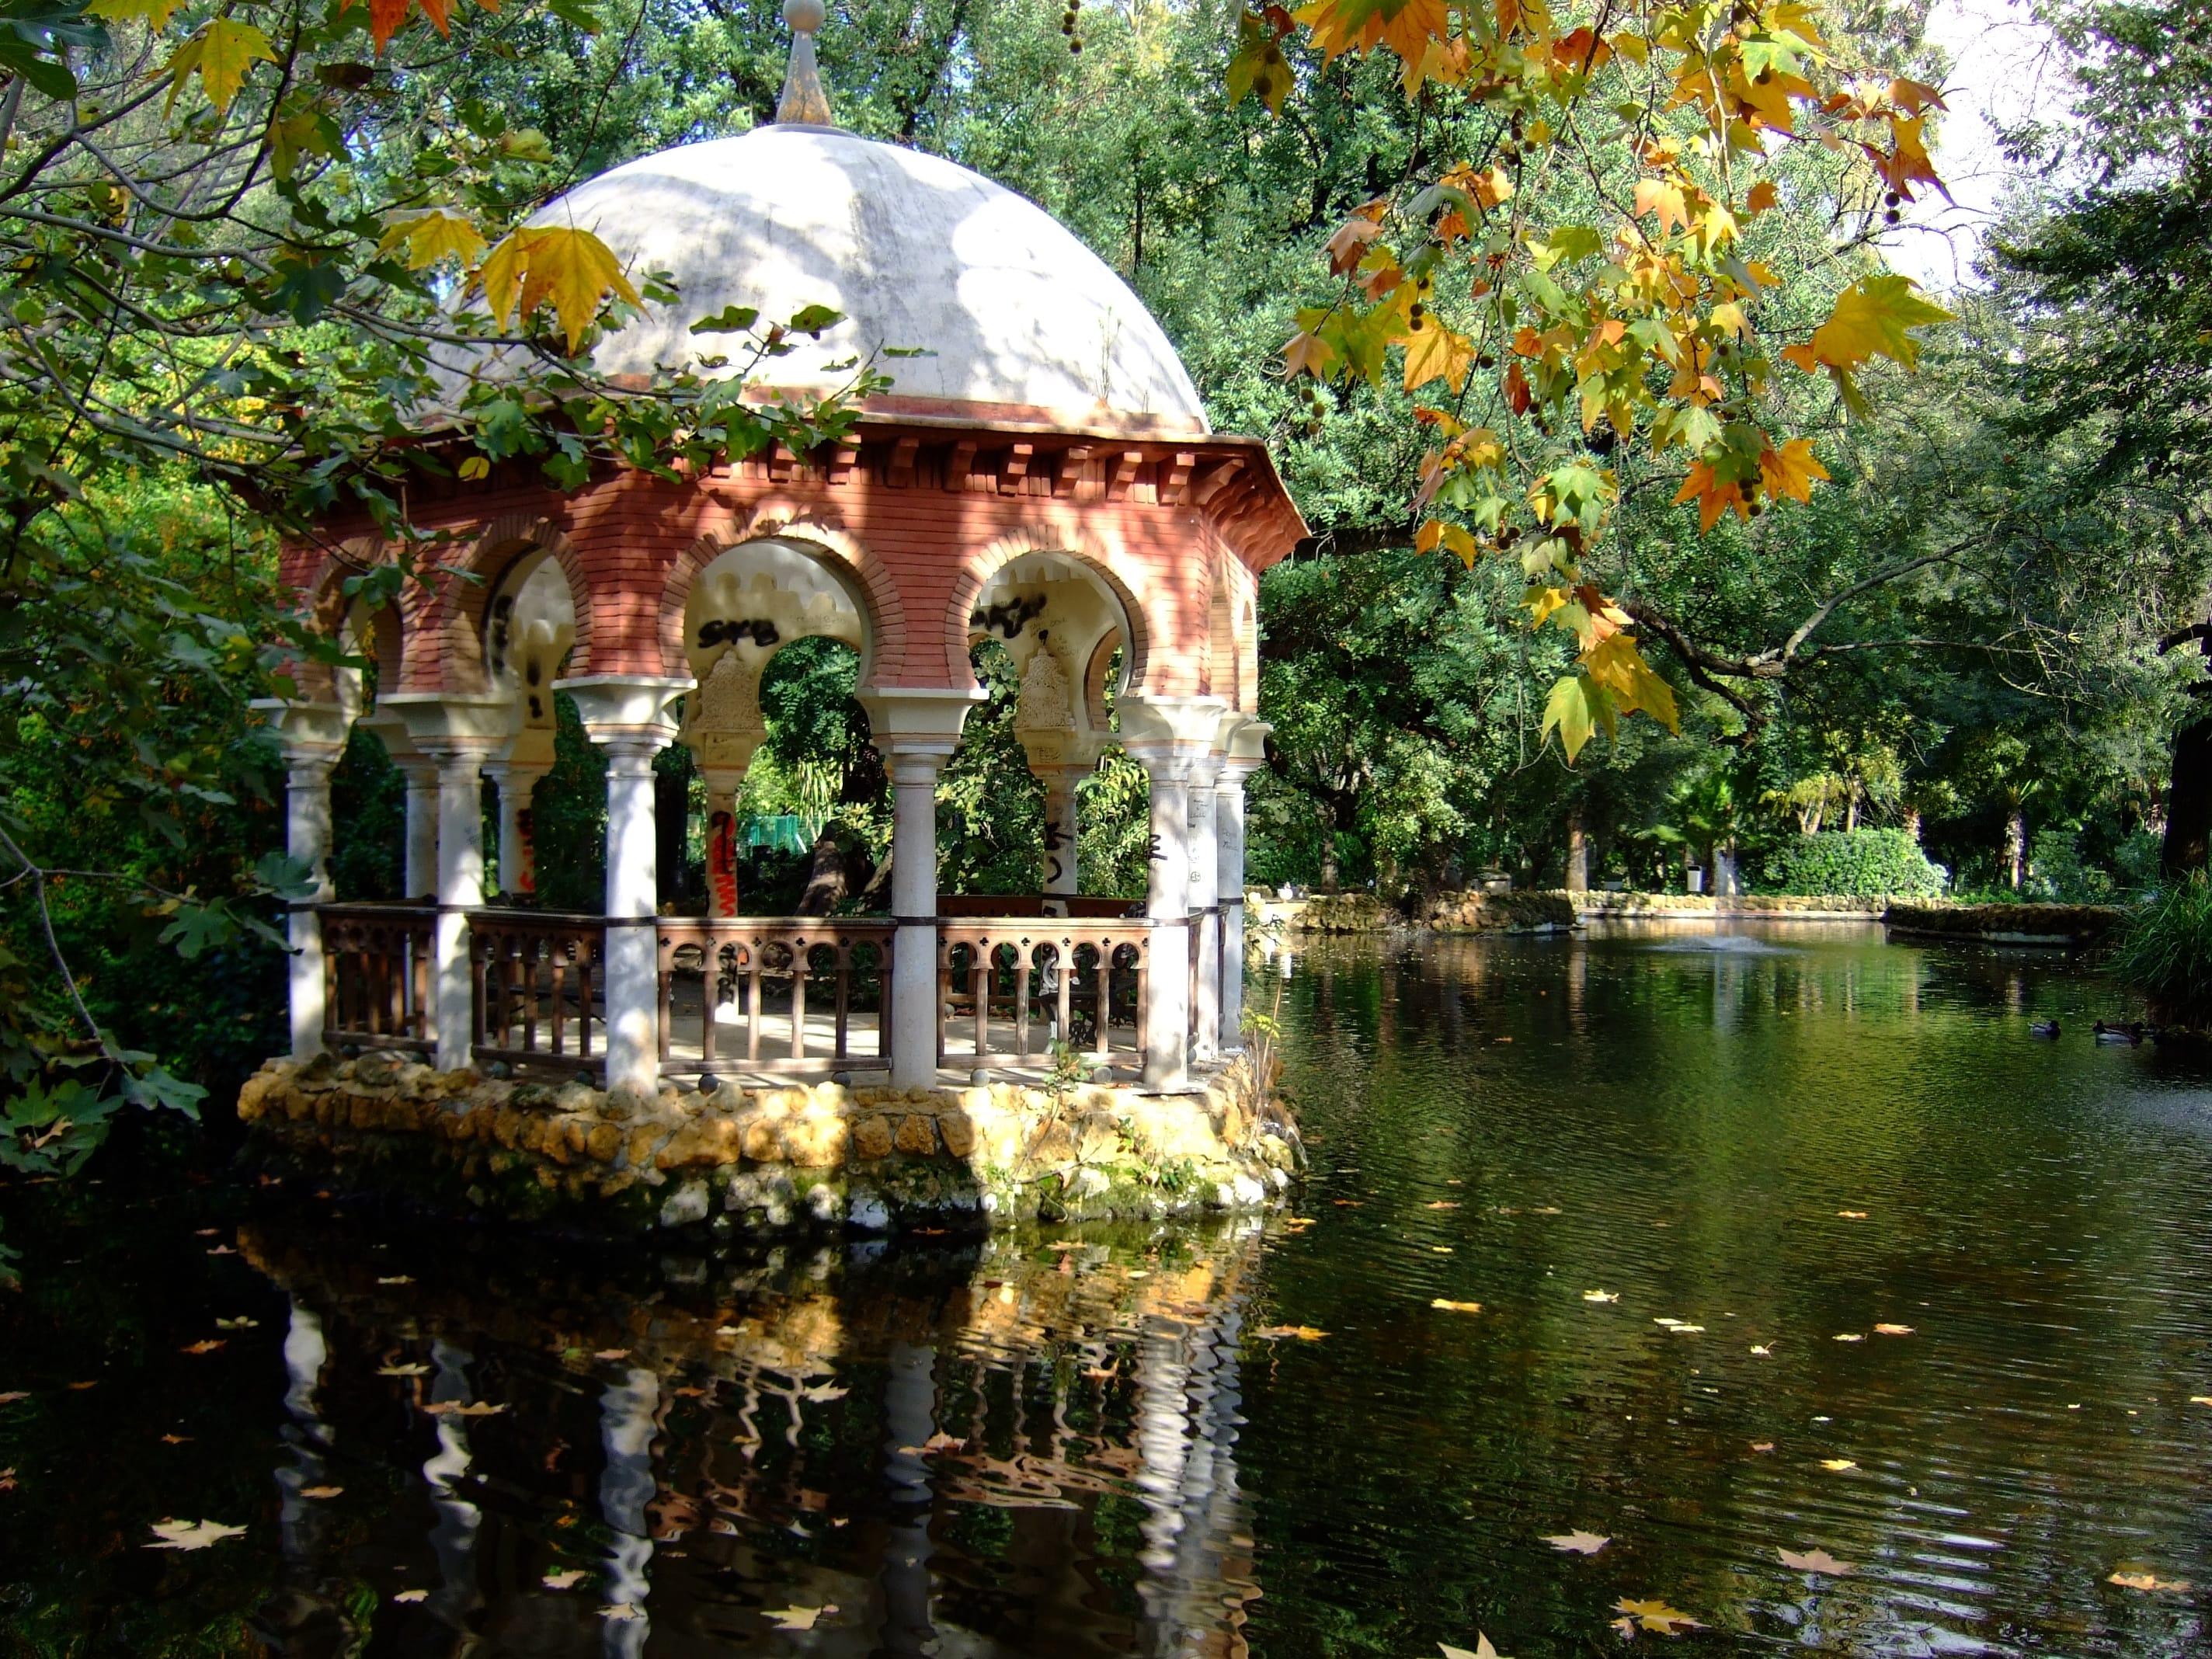 Glorieta-junto-al-lago-en-el-Parque-Maria-Luisa-en-Sevilla.jpg